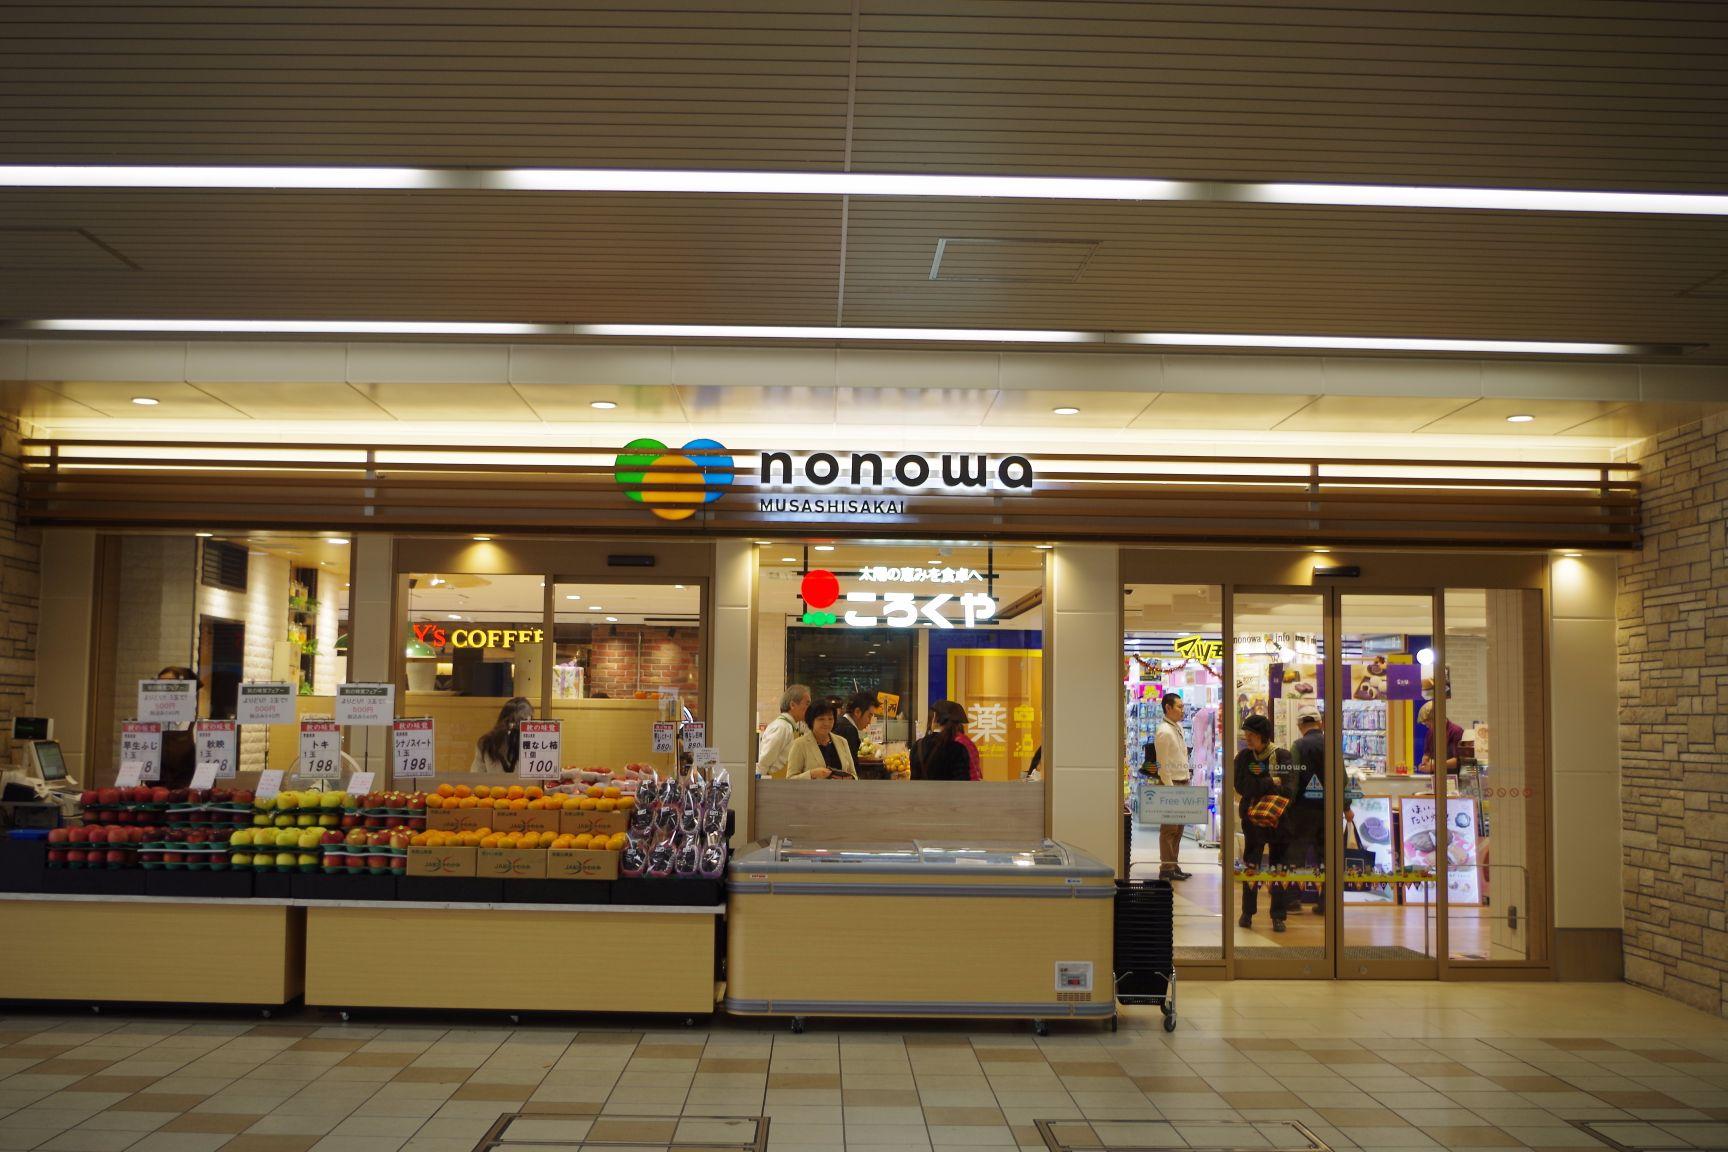 周辺施設:nonowa(駅中店舗)